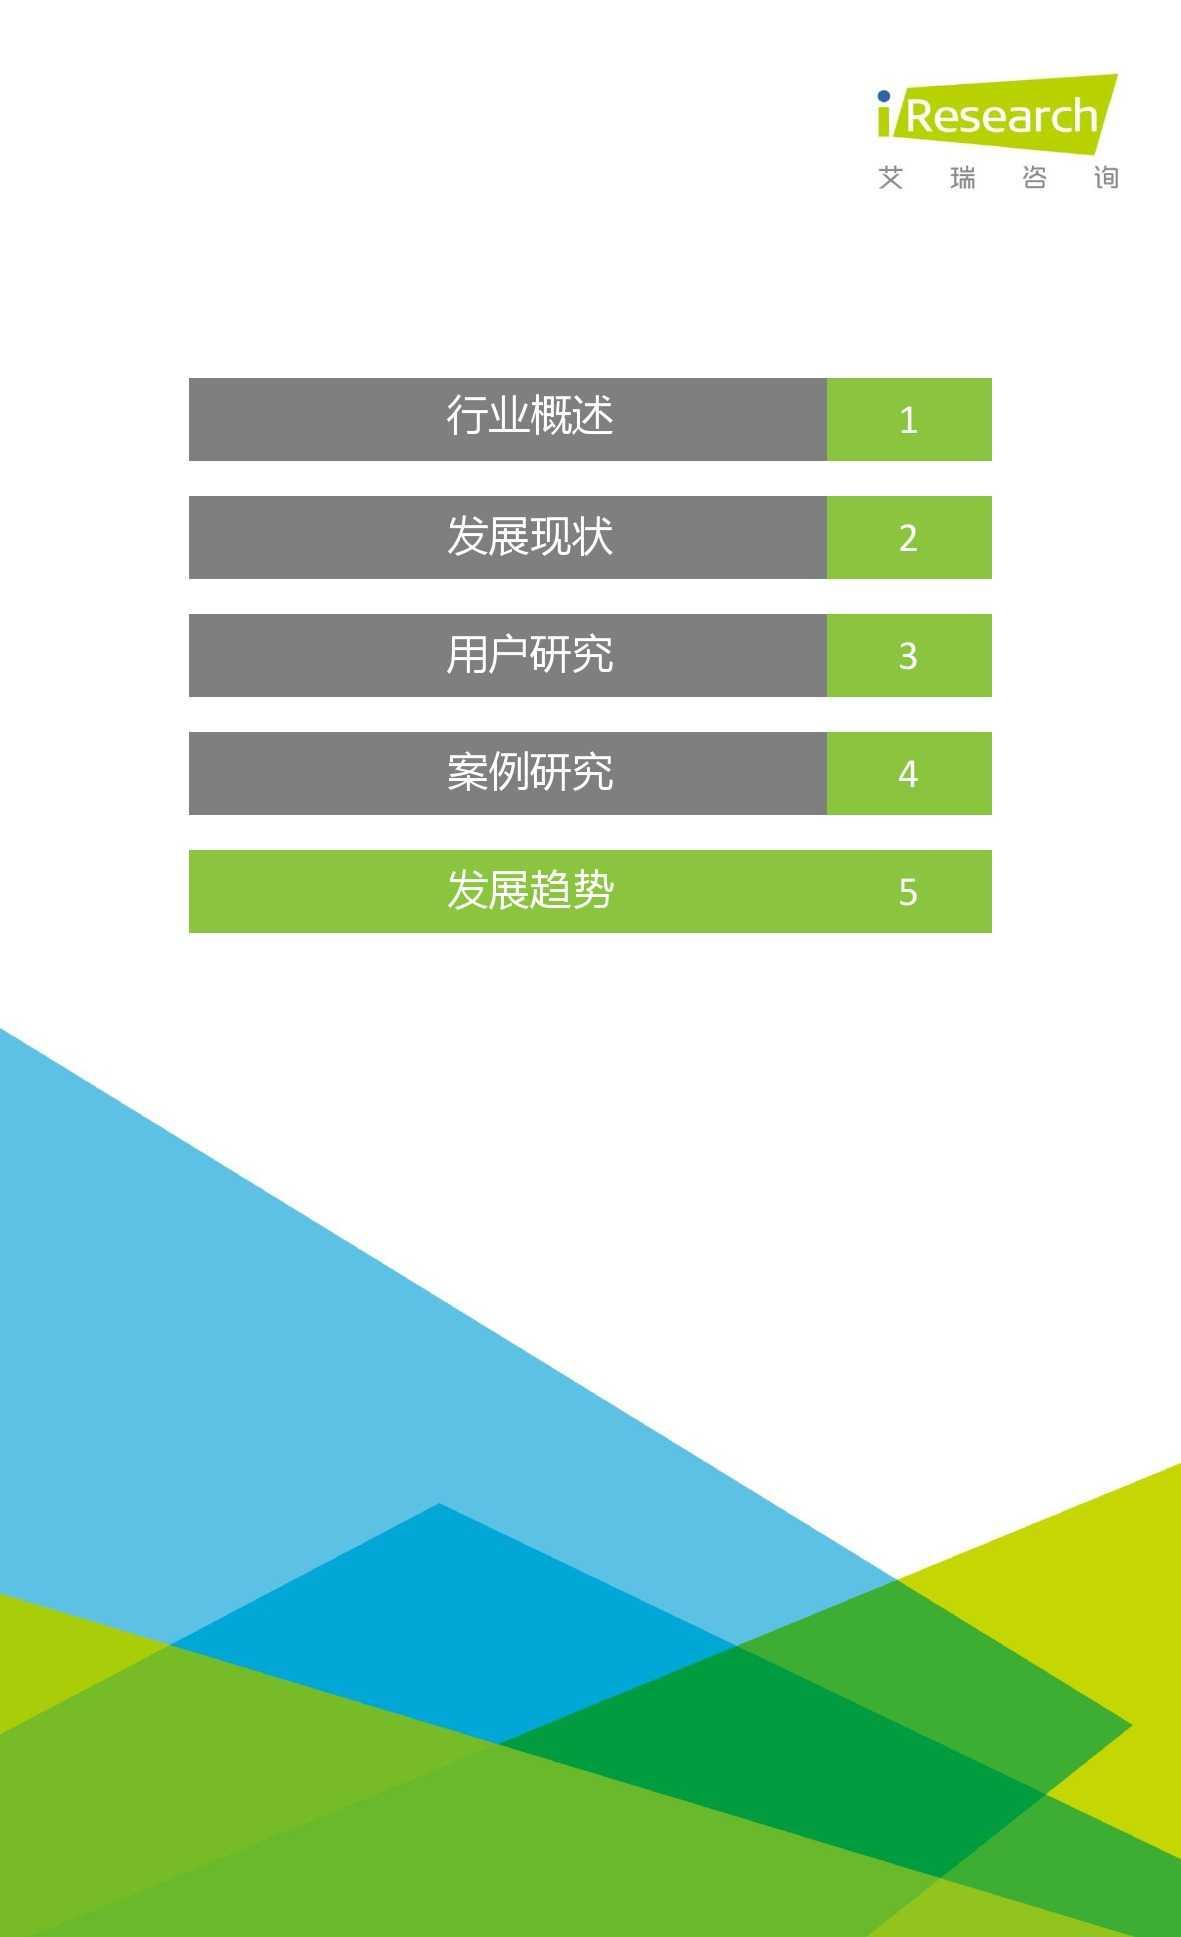 2015年中国生活理财移动App行业研究报告_000052